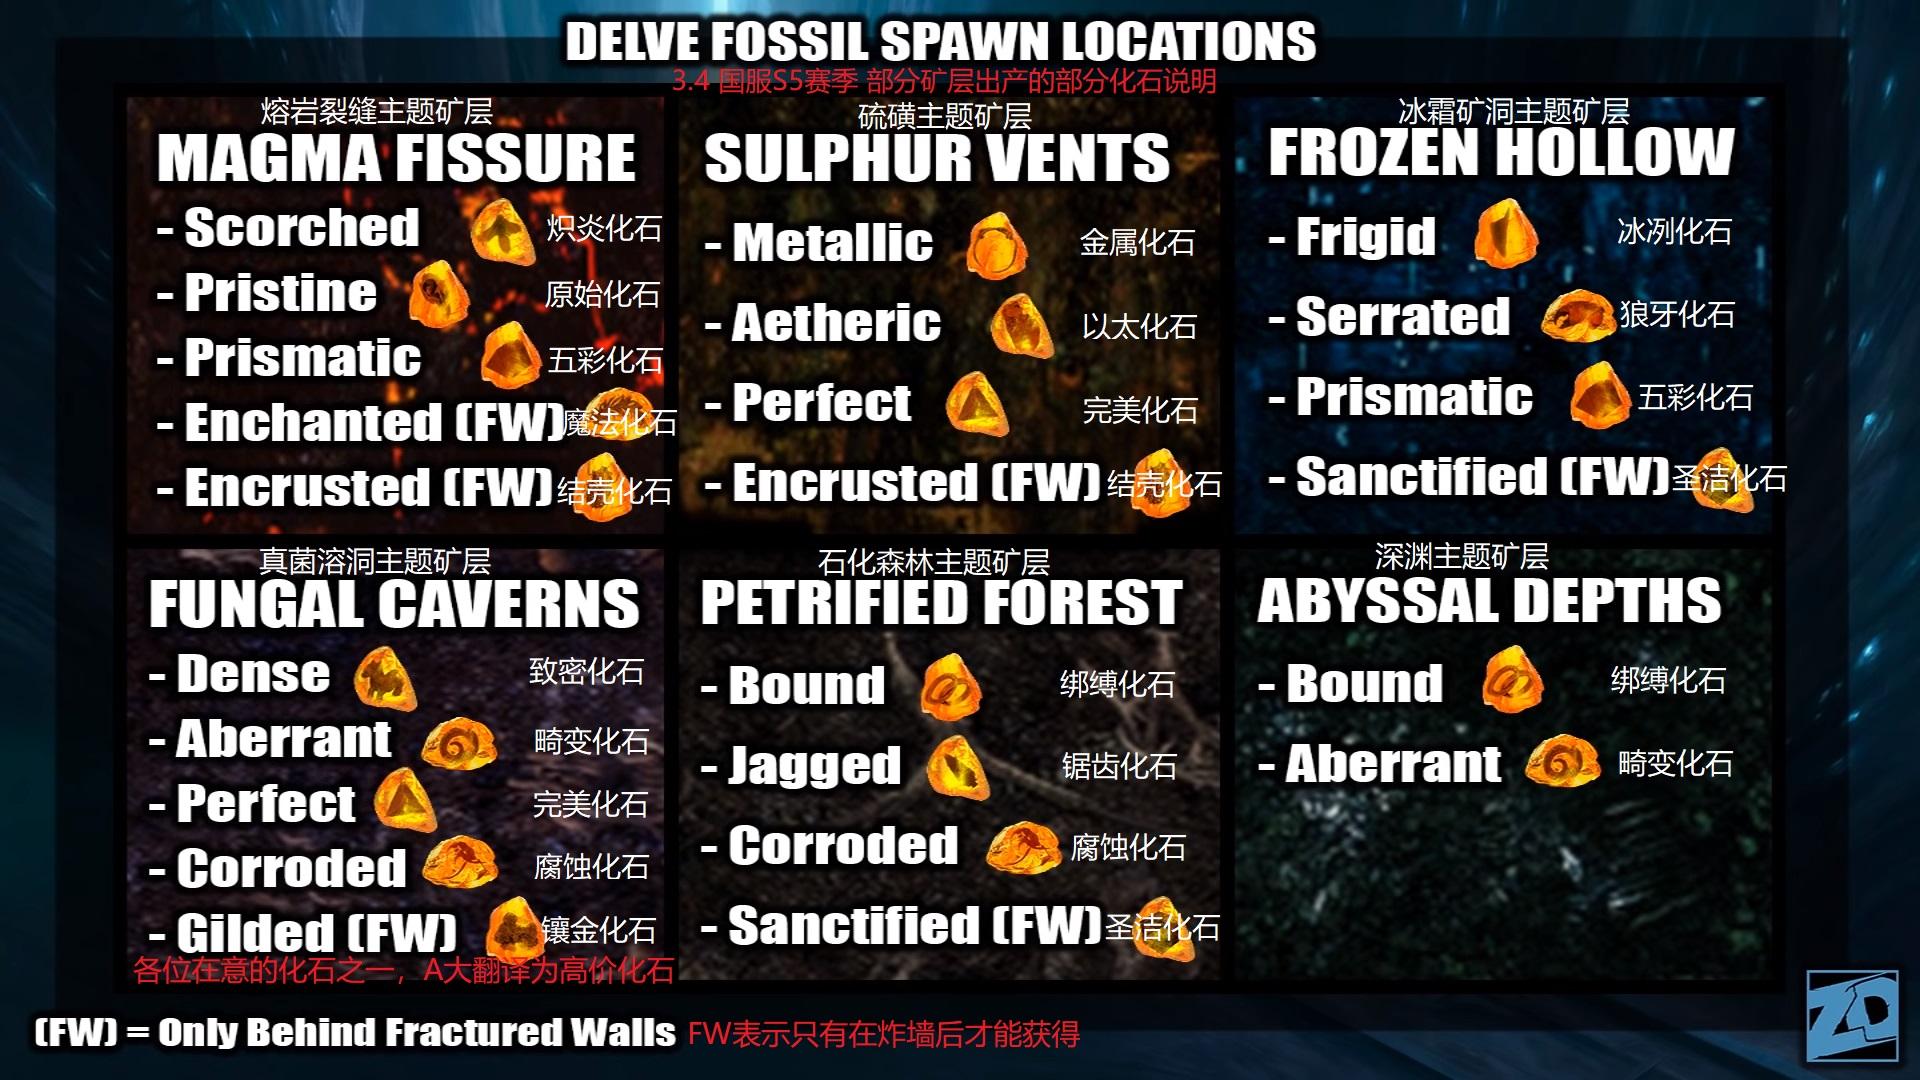 化石出处 - 副本.jpg